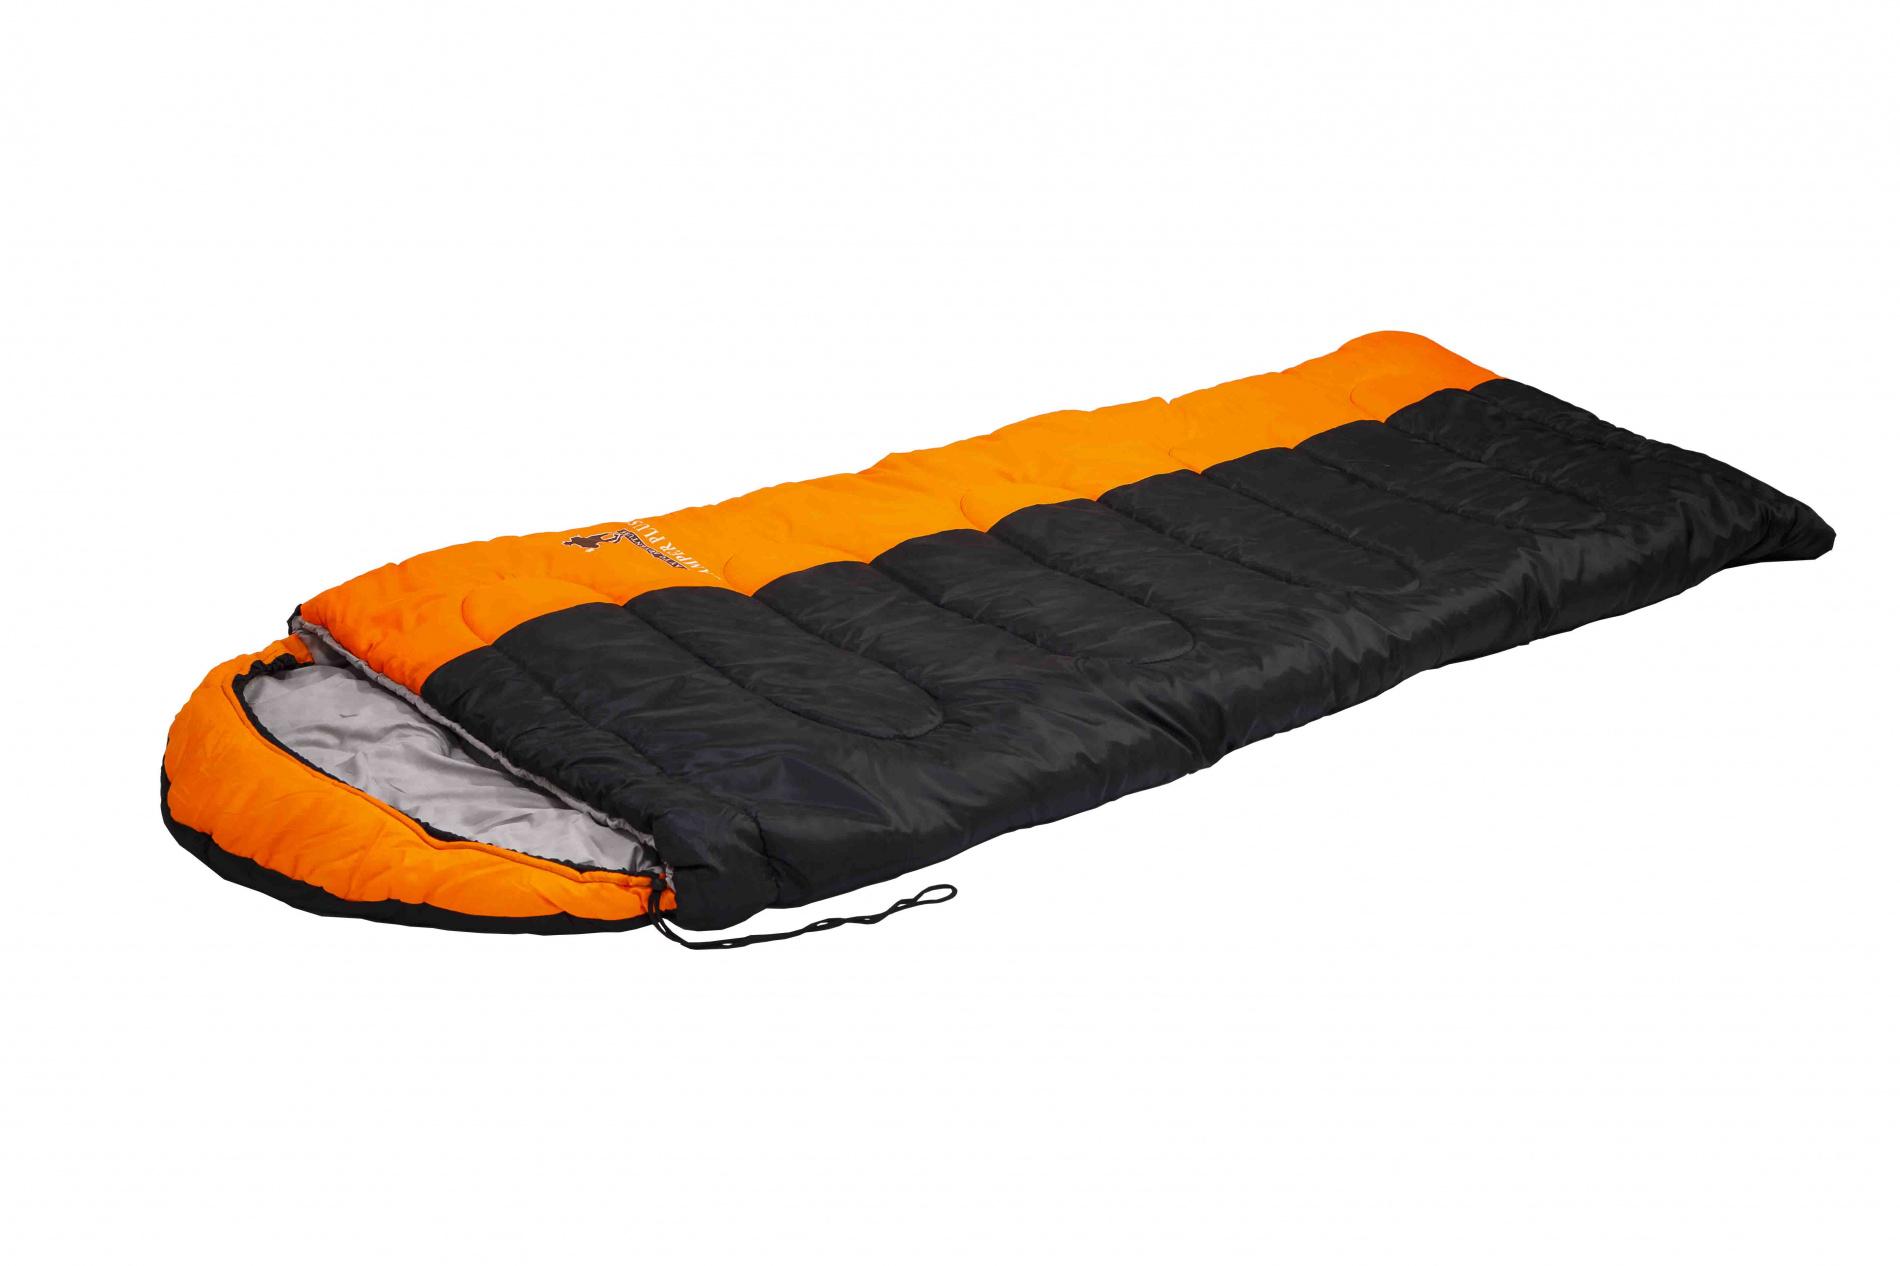 Спальный мешок CAMPER PLUS L-zip от -12 C (одеяло Спальники<br>Спальный мешок CAMPER PLUS L-zip от -12 C (одеяло <br>с подголов 195+35X90 см)<br>Просторный спальник Indiana Camper Plus – одеяло <br>с капюшоном-подголовником, выпускающийся <br>как с левой, так и с правой молнией. Благодаря <br>этому два спальника этой модели можно состегивать <br>друг с другом. Данный спальник имеет увеличенное <br>количество утеплителя, что раздвигает температурные <br>режимы его использования. Увеличенные размеры <br>спального мешка и его температурные режимы <br>обеспечат вам комфортный отдых во время <br>вашего пребывания на природе. <br>Характеристики<br>Внешний материал: Полиэстер<br>Внутренний материал: Поликоттон<br>Утеплитель: Hollowfiber<br>Особенности: Молния слева<br>Вес: 2.2 кг<br>Размер: 230x90 см <br>Цвет: Черный/Оранжевый<br><br>Сезон: зима